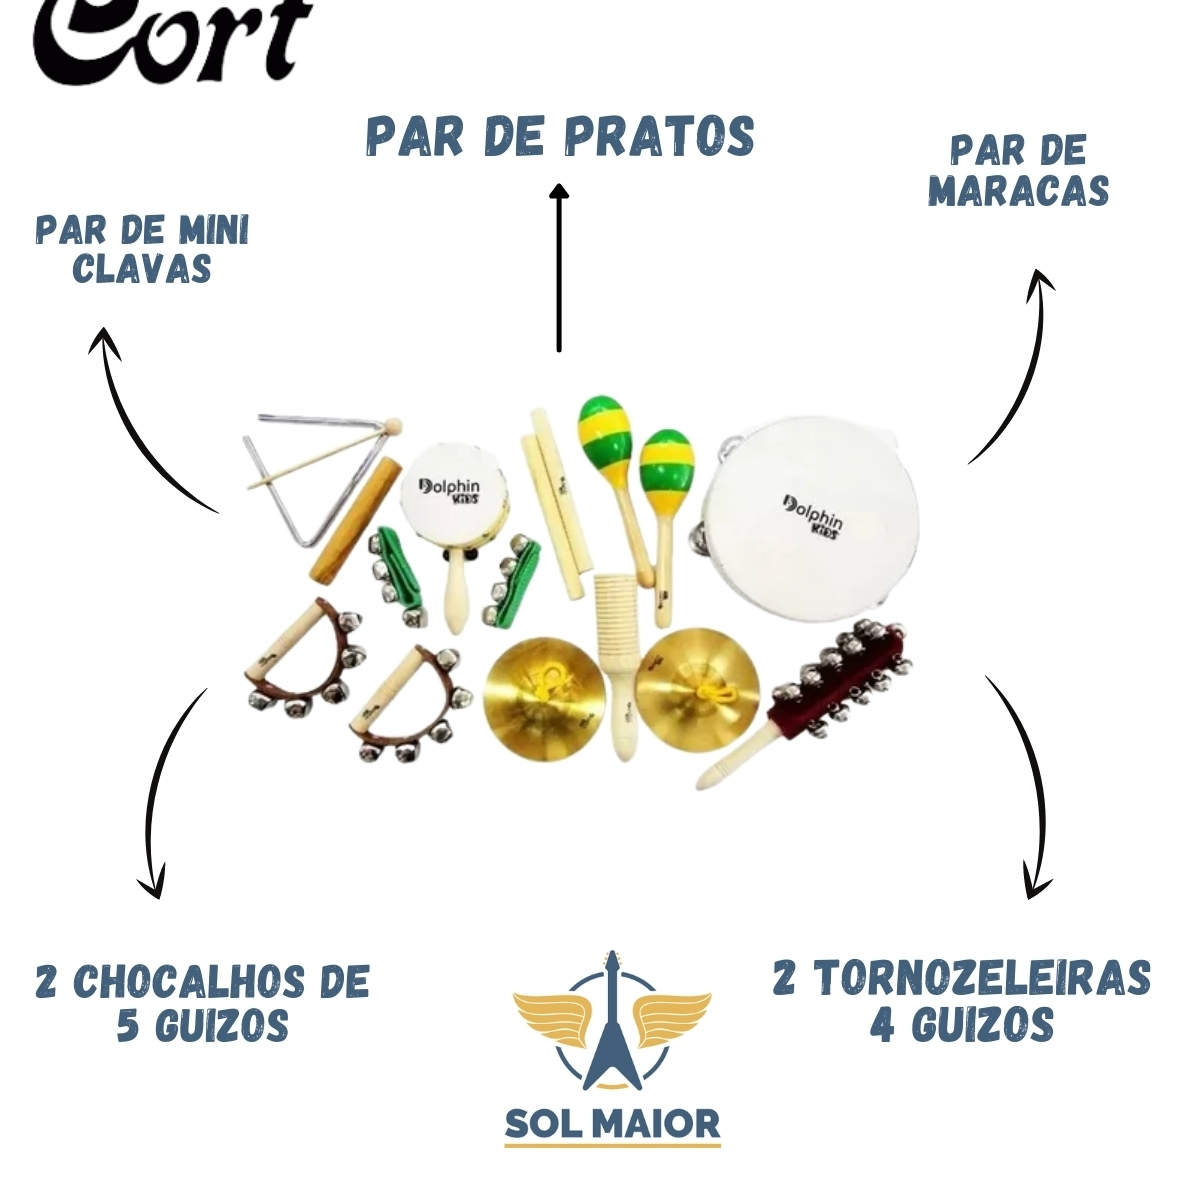 Bandinha C/10 Instrumentos Infantis C/Bolsa - DOLPHIN 8458